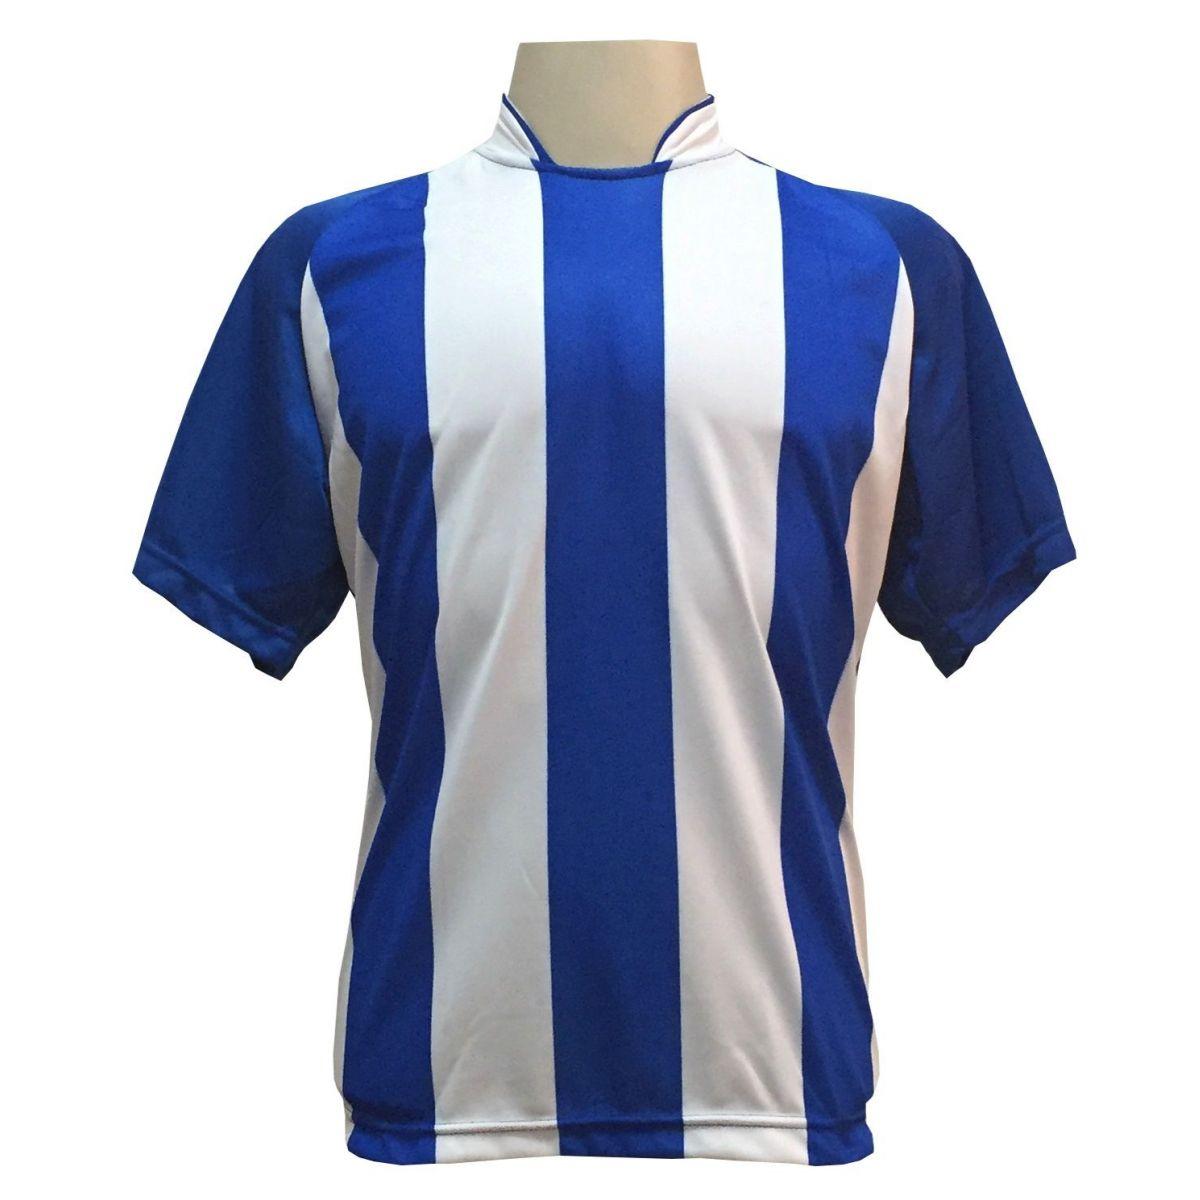 Uniforme Esportivo com 18 Camisas modelo Milan Royal/Branco + 18 Calções modelo Madrid Branco